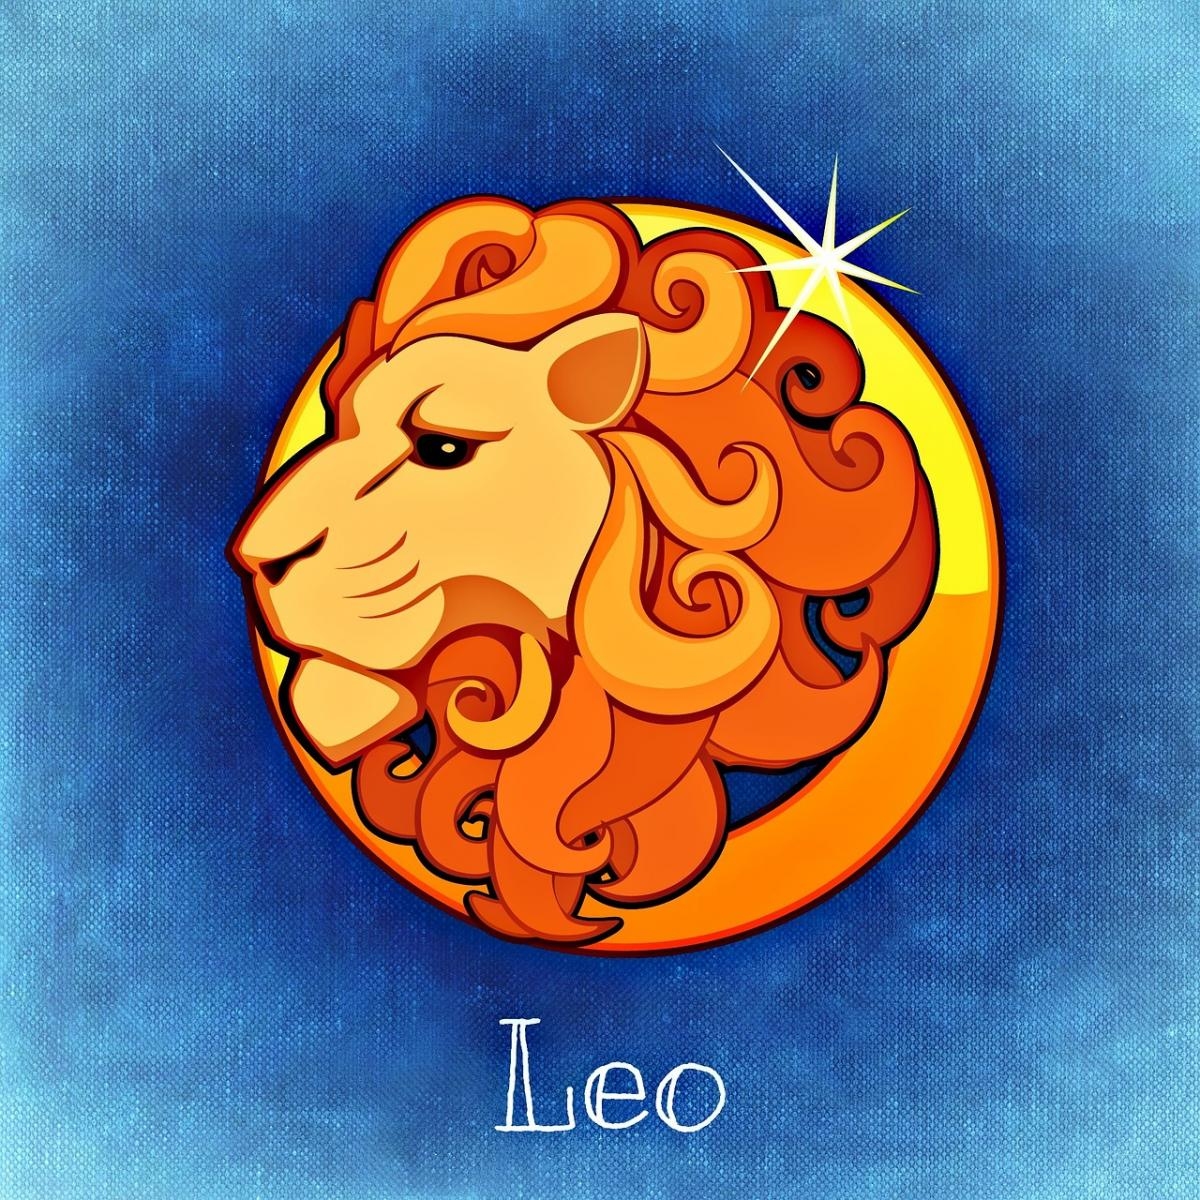 Le signe du mois : Le Lion